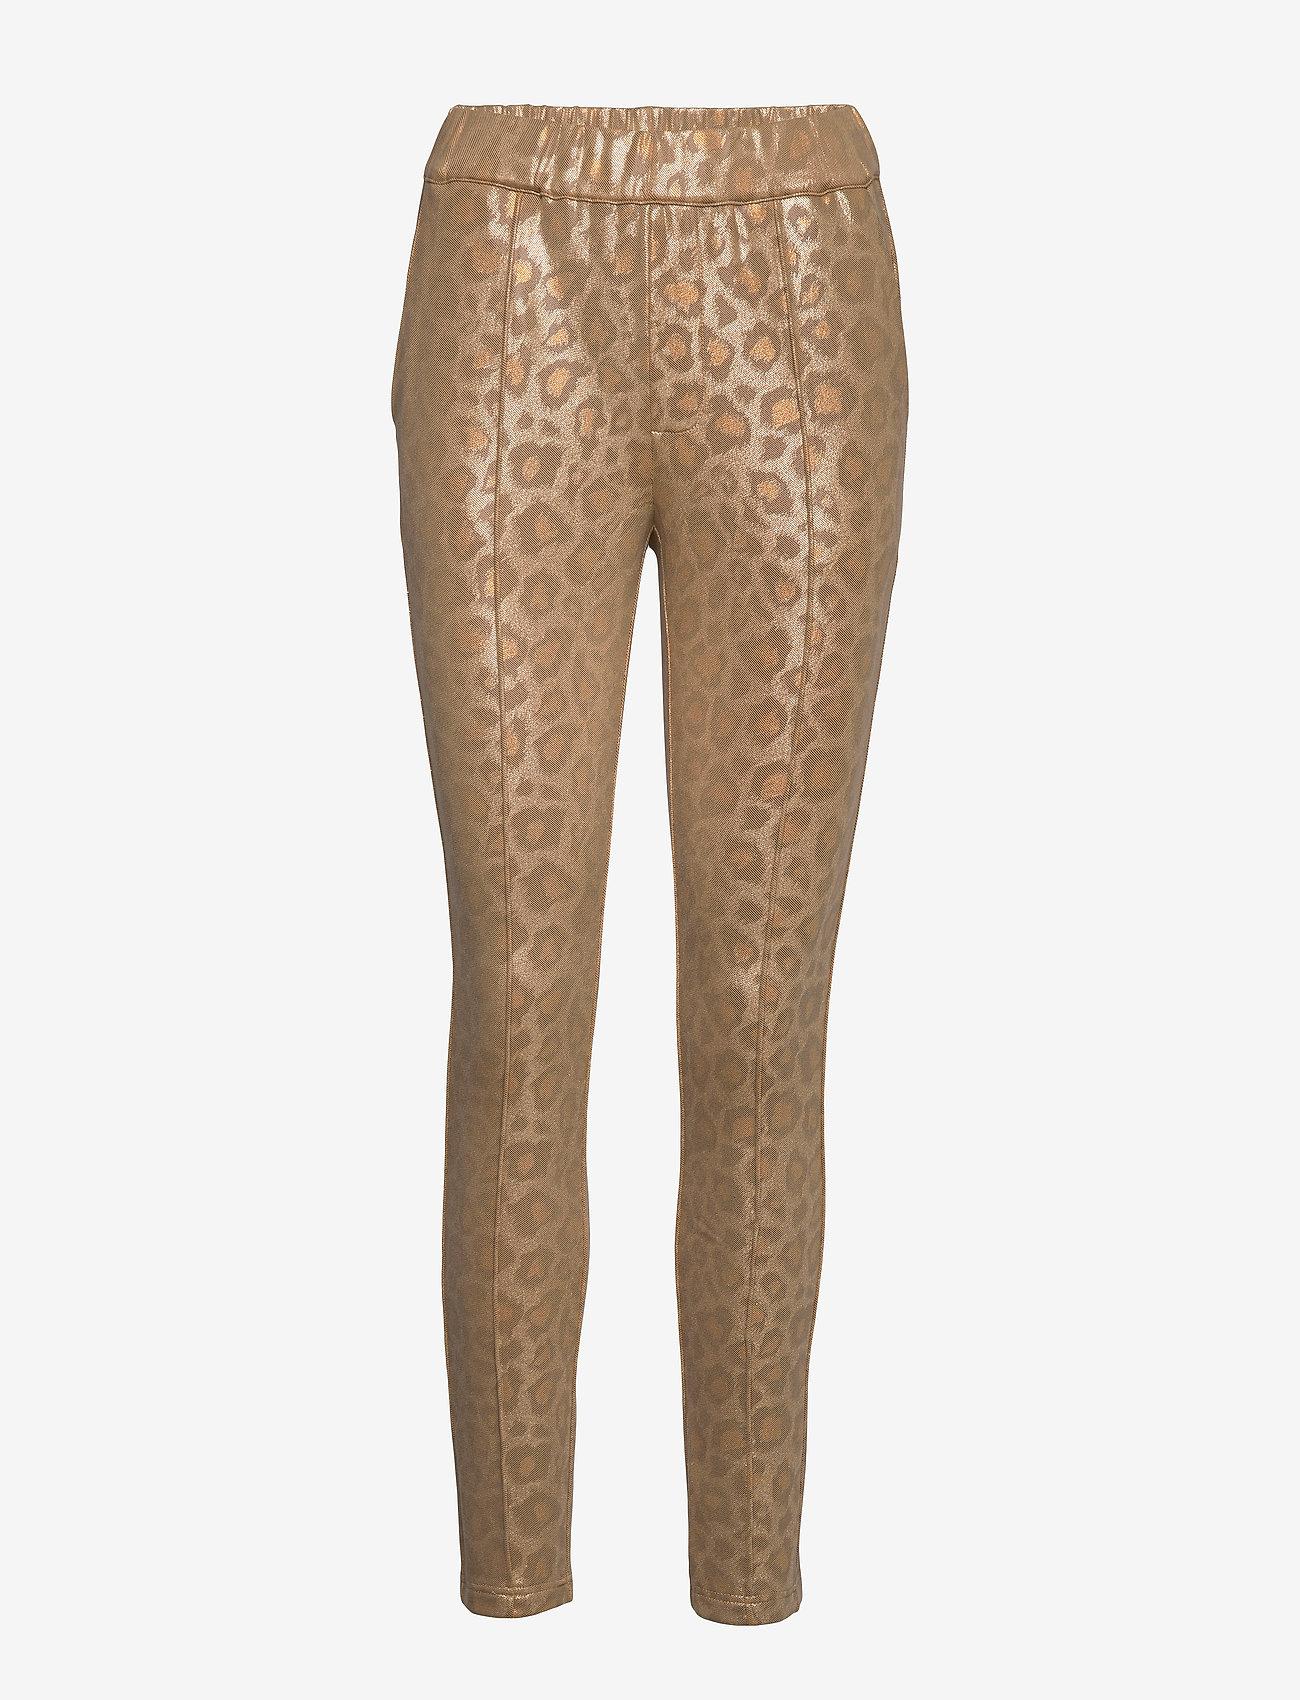 Sofie Schnoor - Pants - leggings - camel - 0